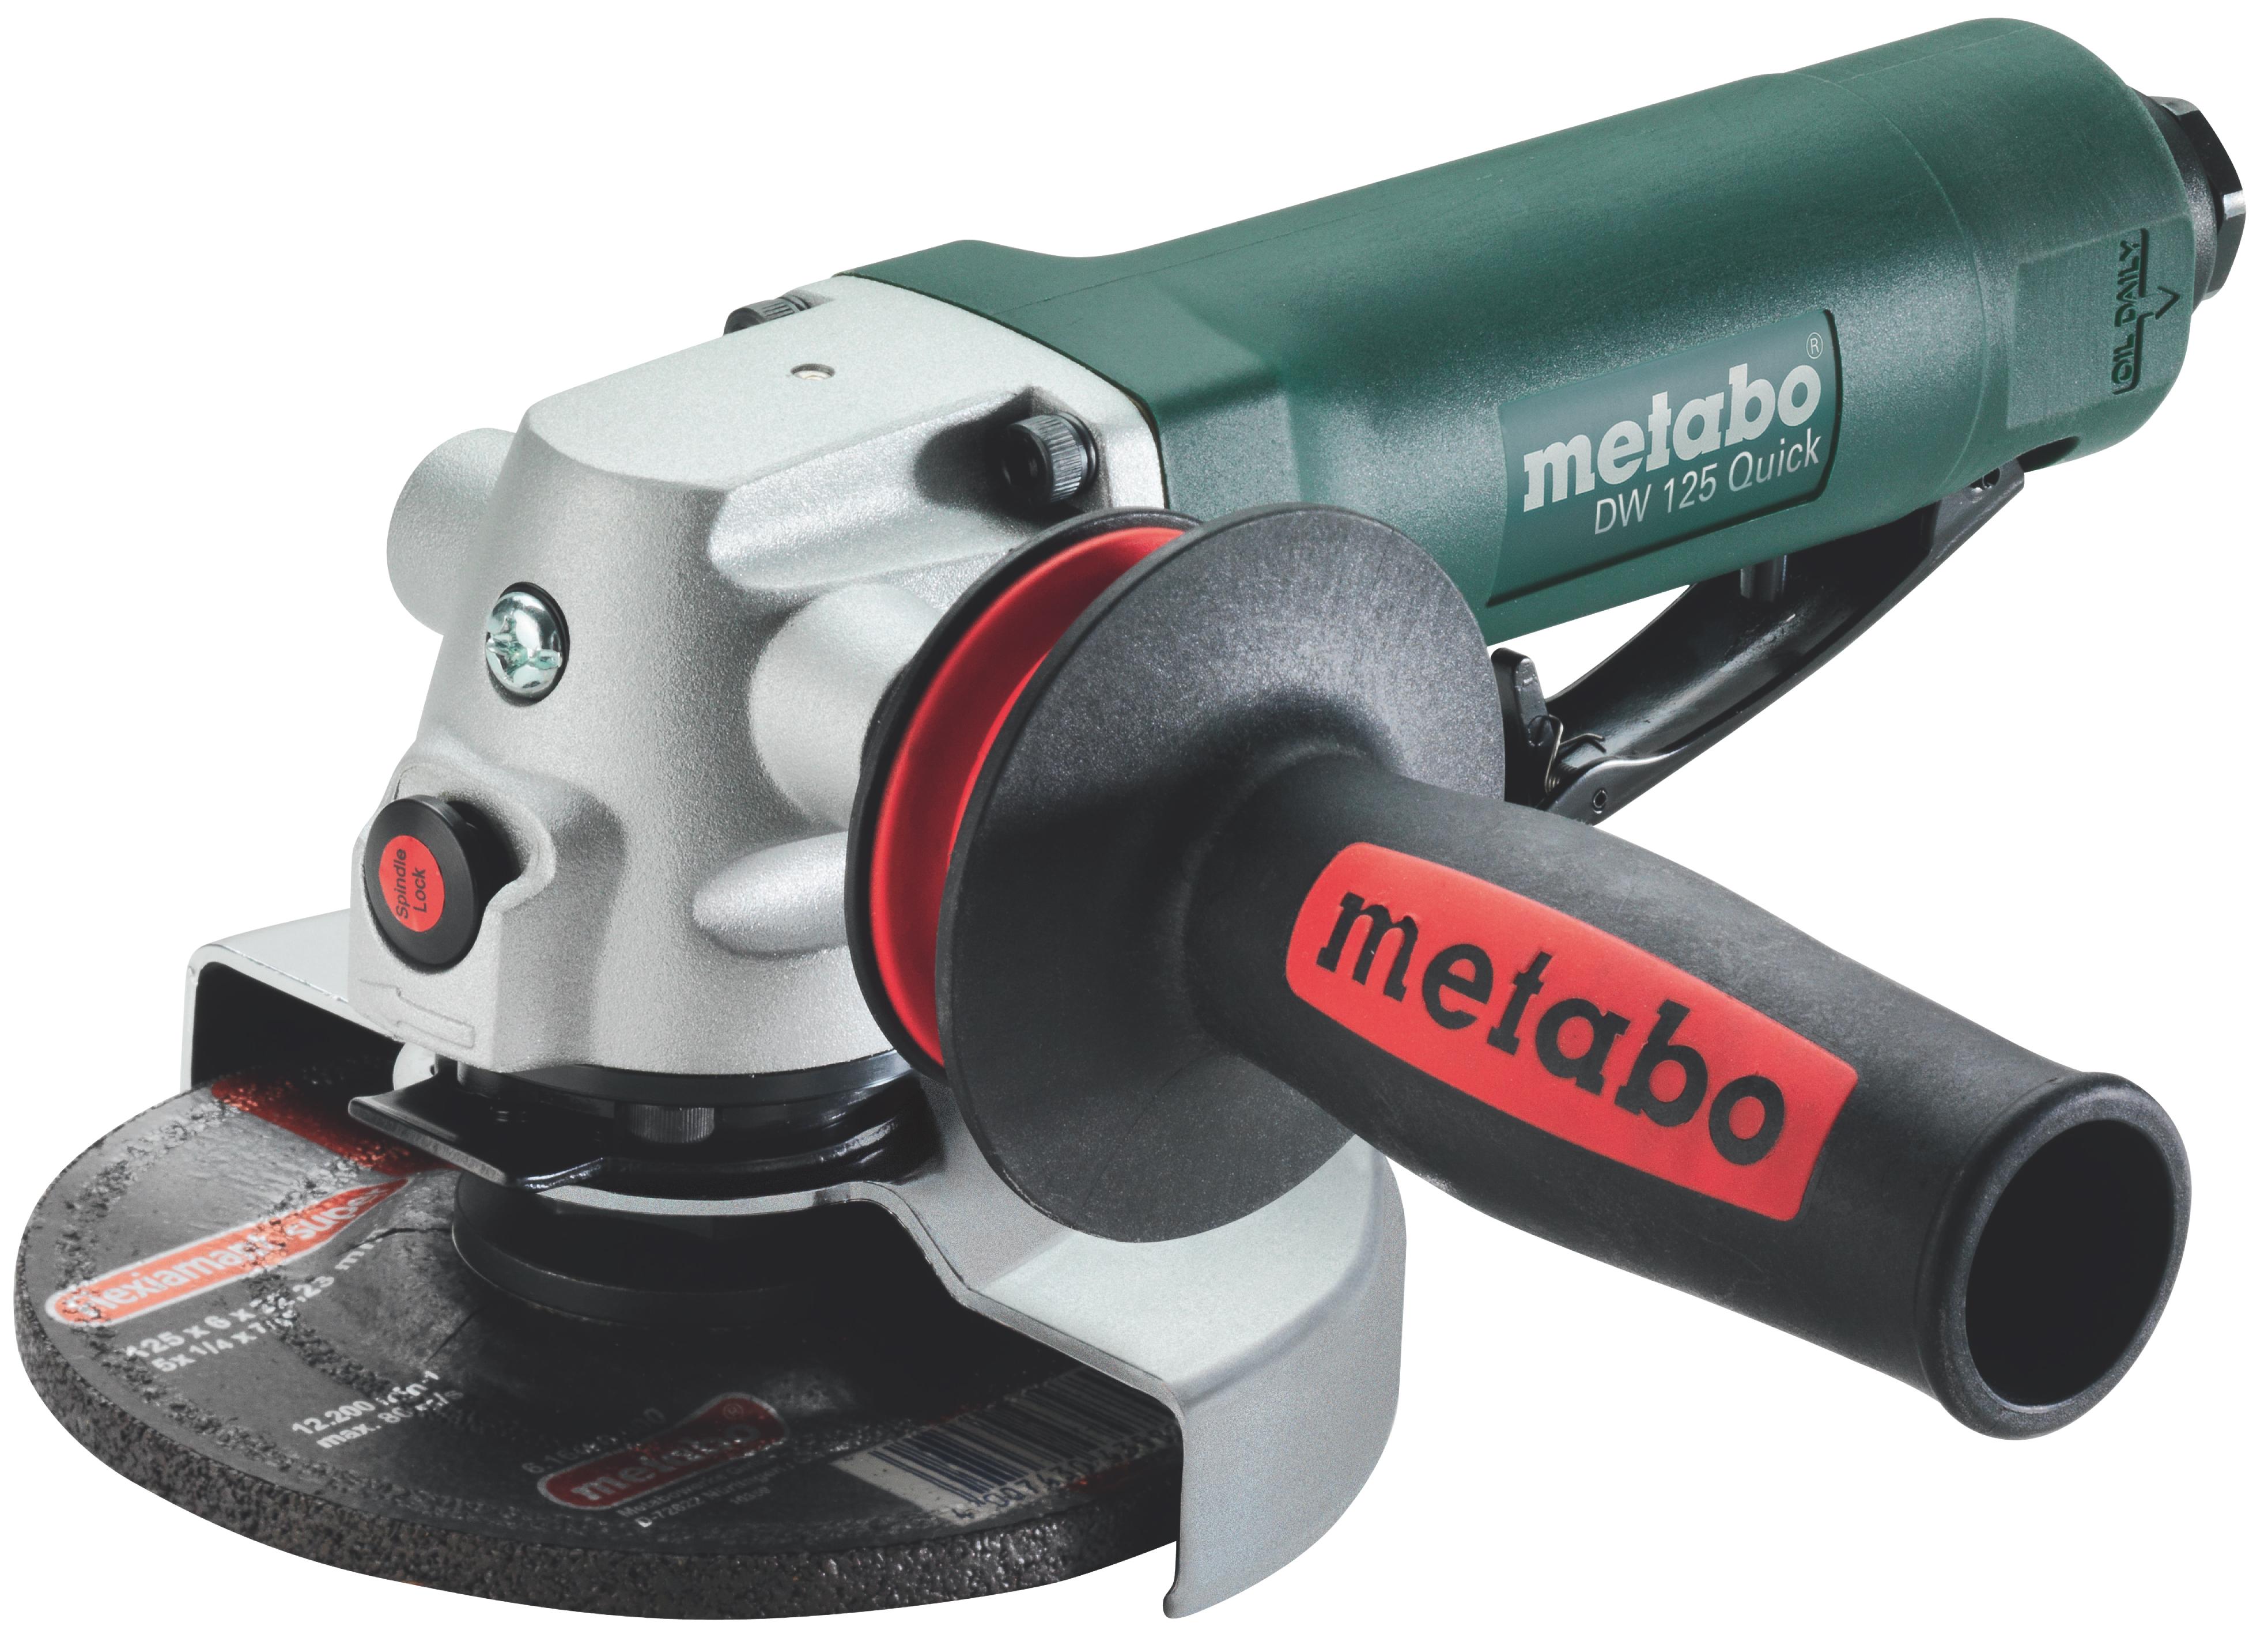 Машина углошлифовальная пневматическая Metabo Dw125quick (601557000) metabo we 15 125 quick 600448000